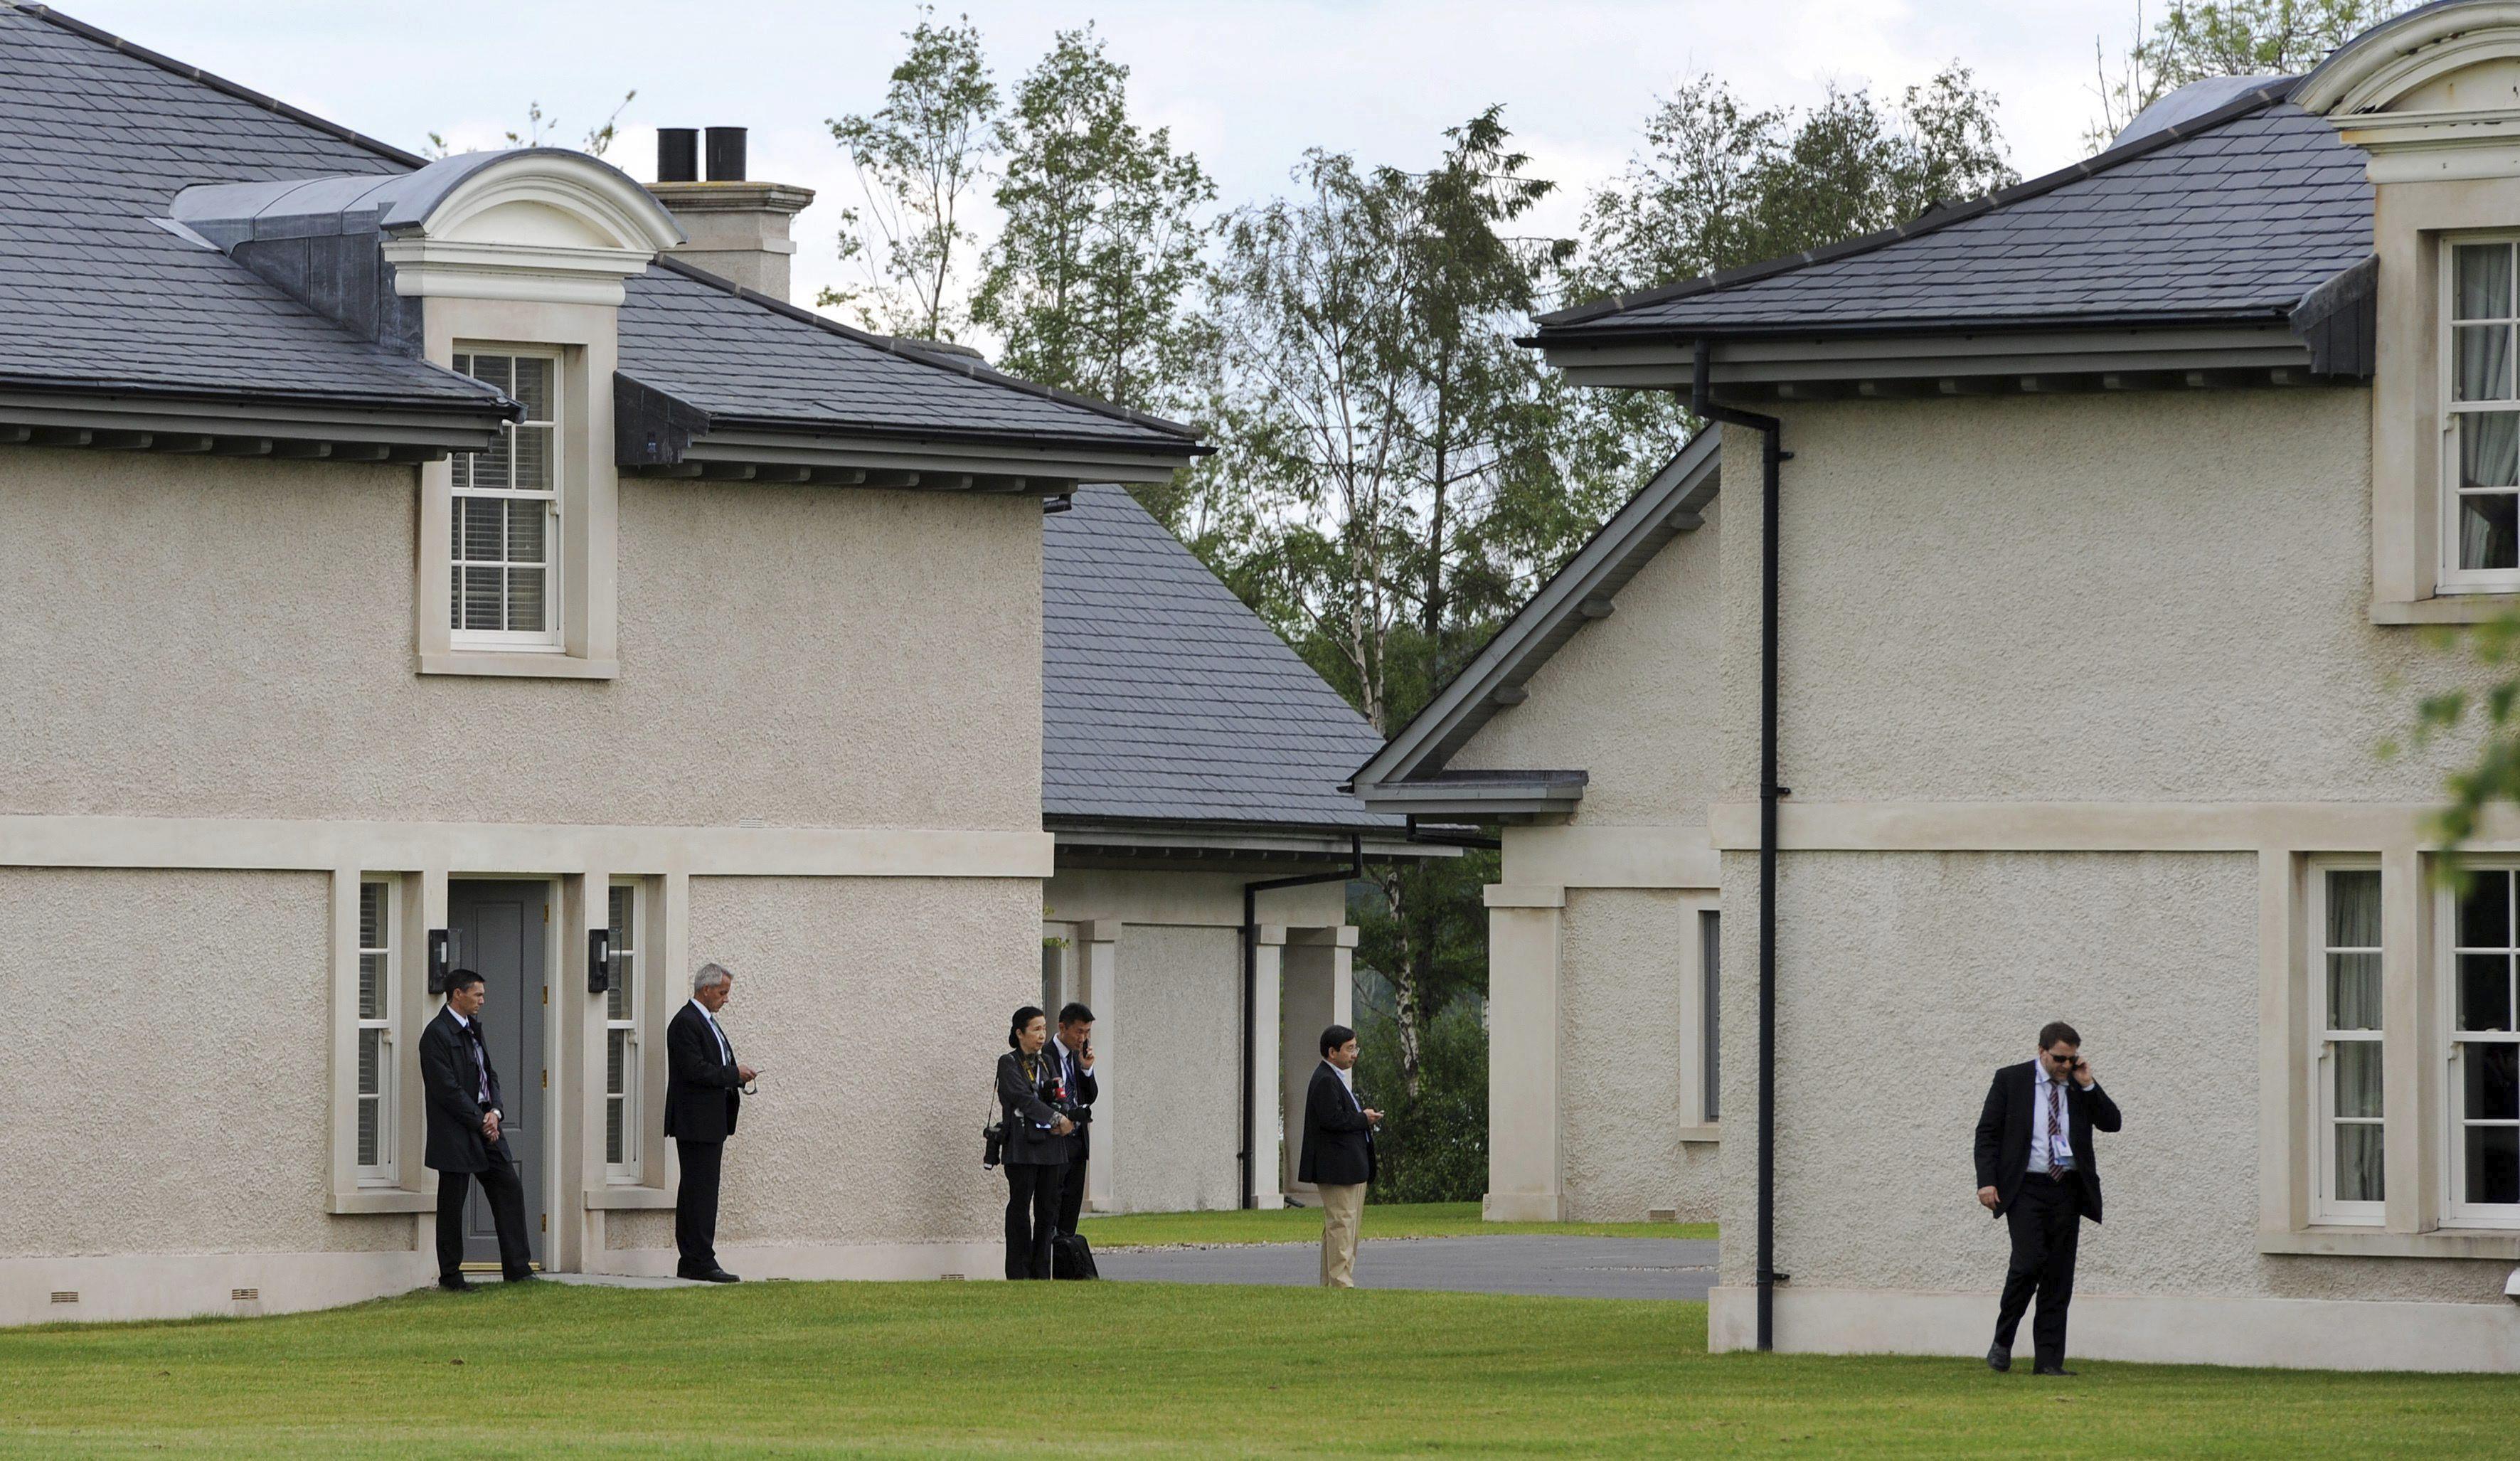 La UE asegura al G8 que su economía ha superado la «amenaza existencial» de 2012